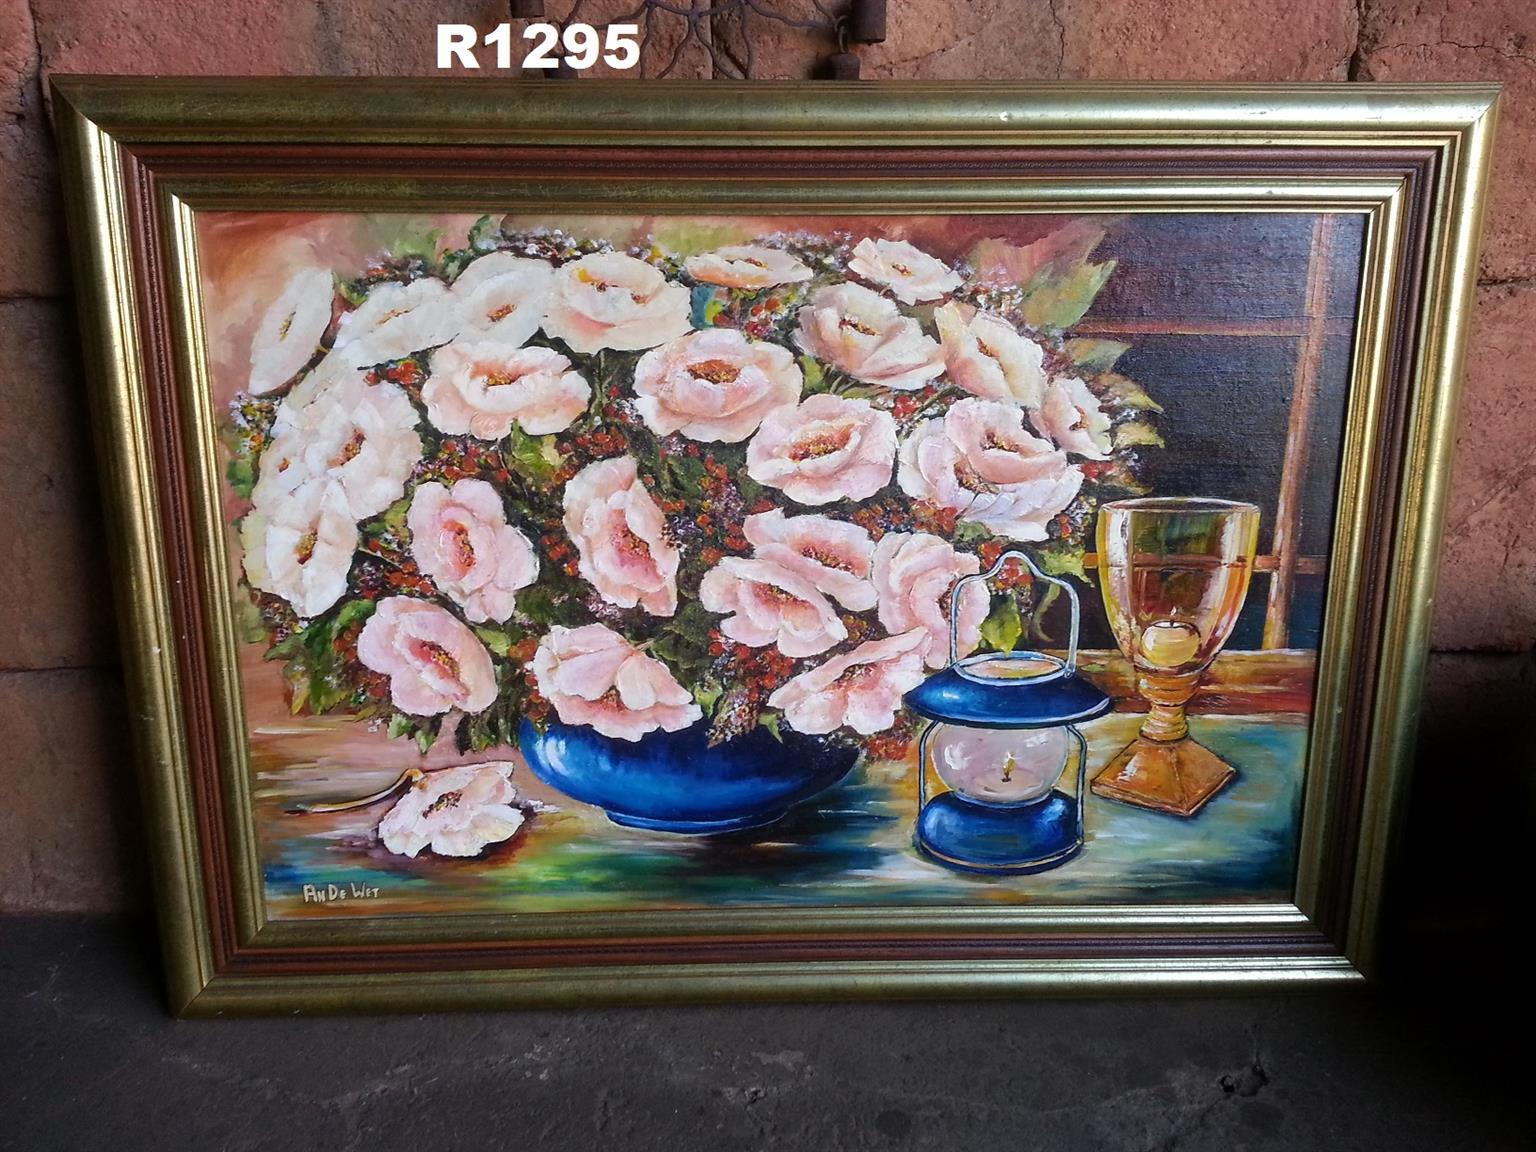 Original An de Wet Oil Painting (1115x795)